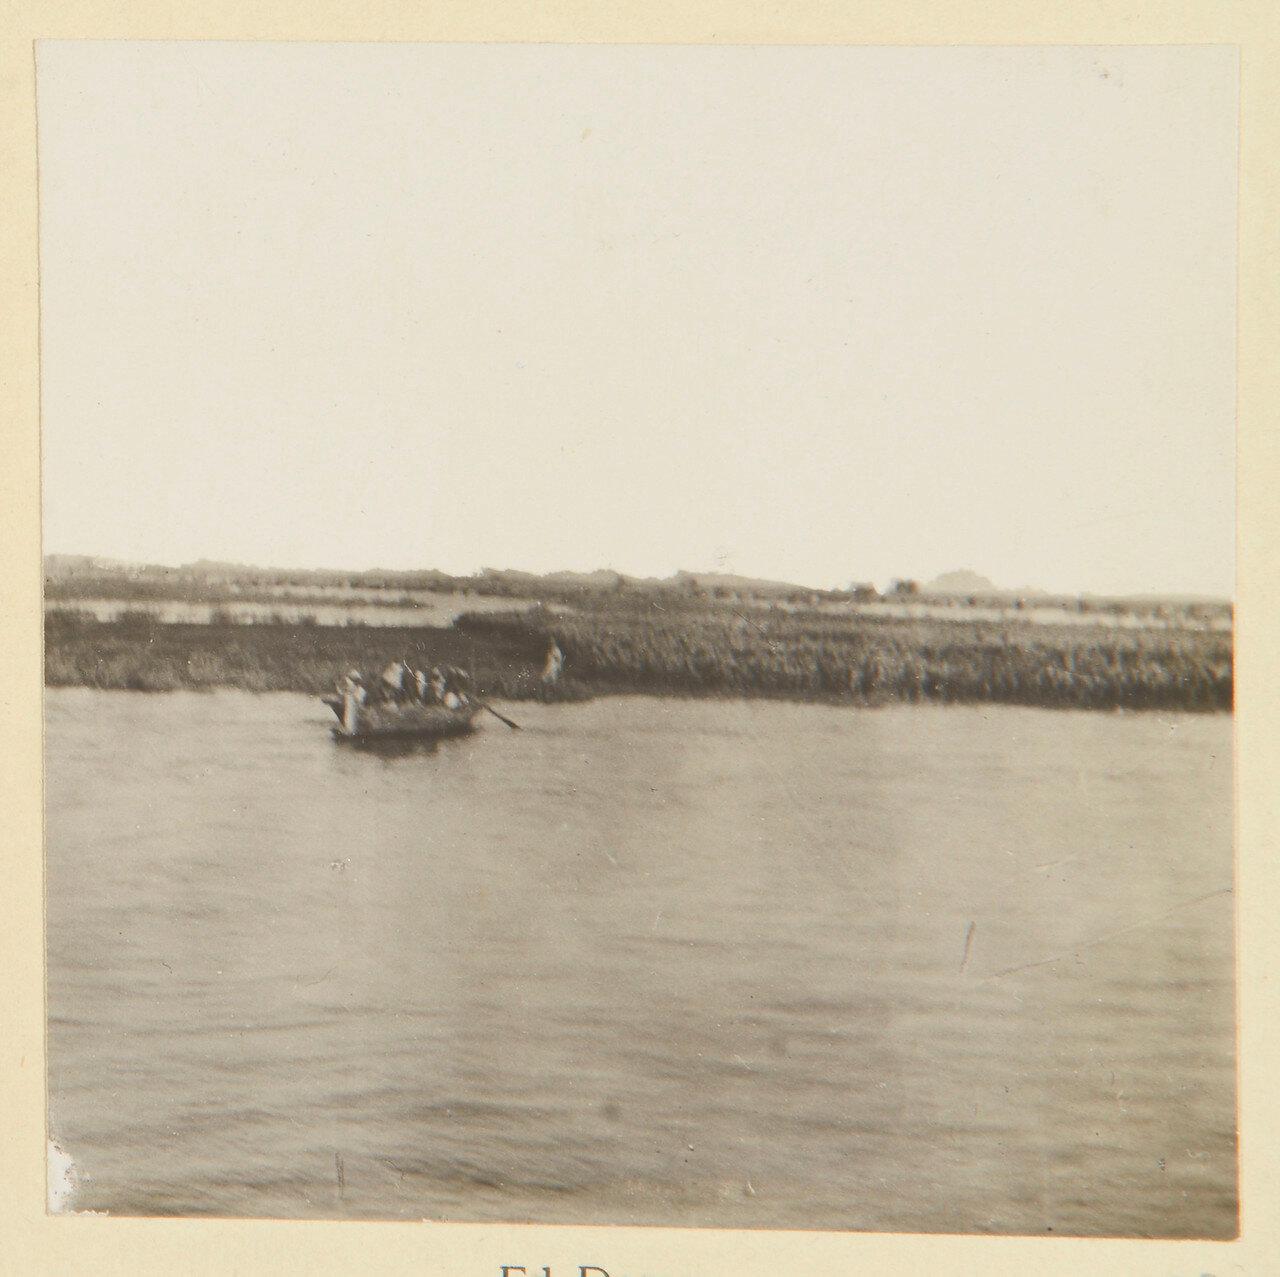 Август 1898. Эд-Дамер